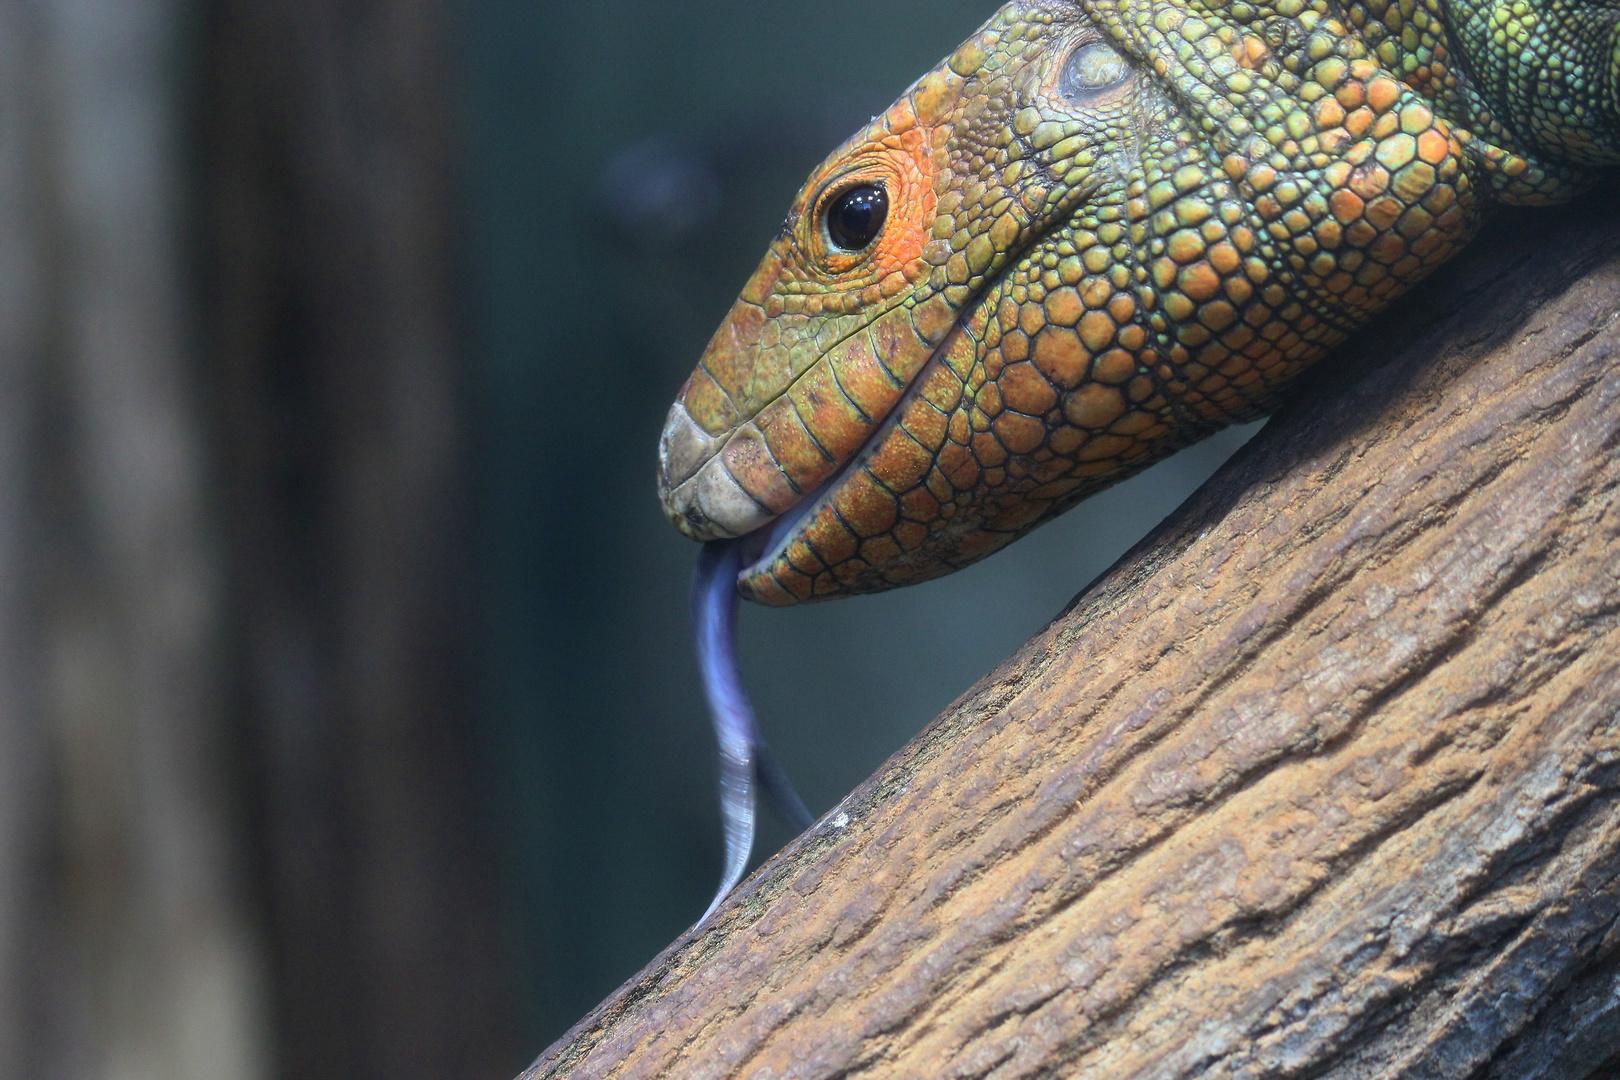 Krokodilteju im Zoo Leipzig